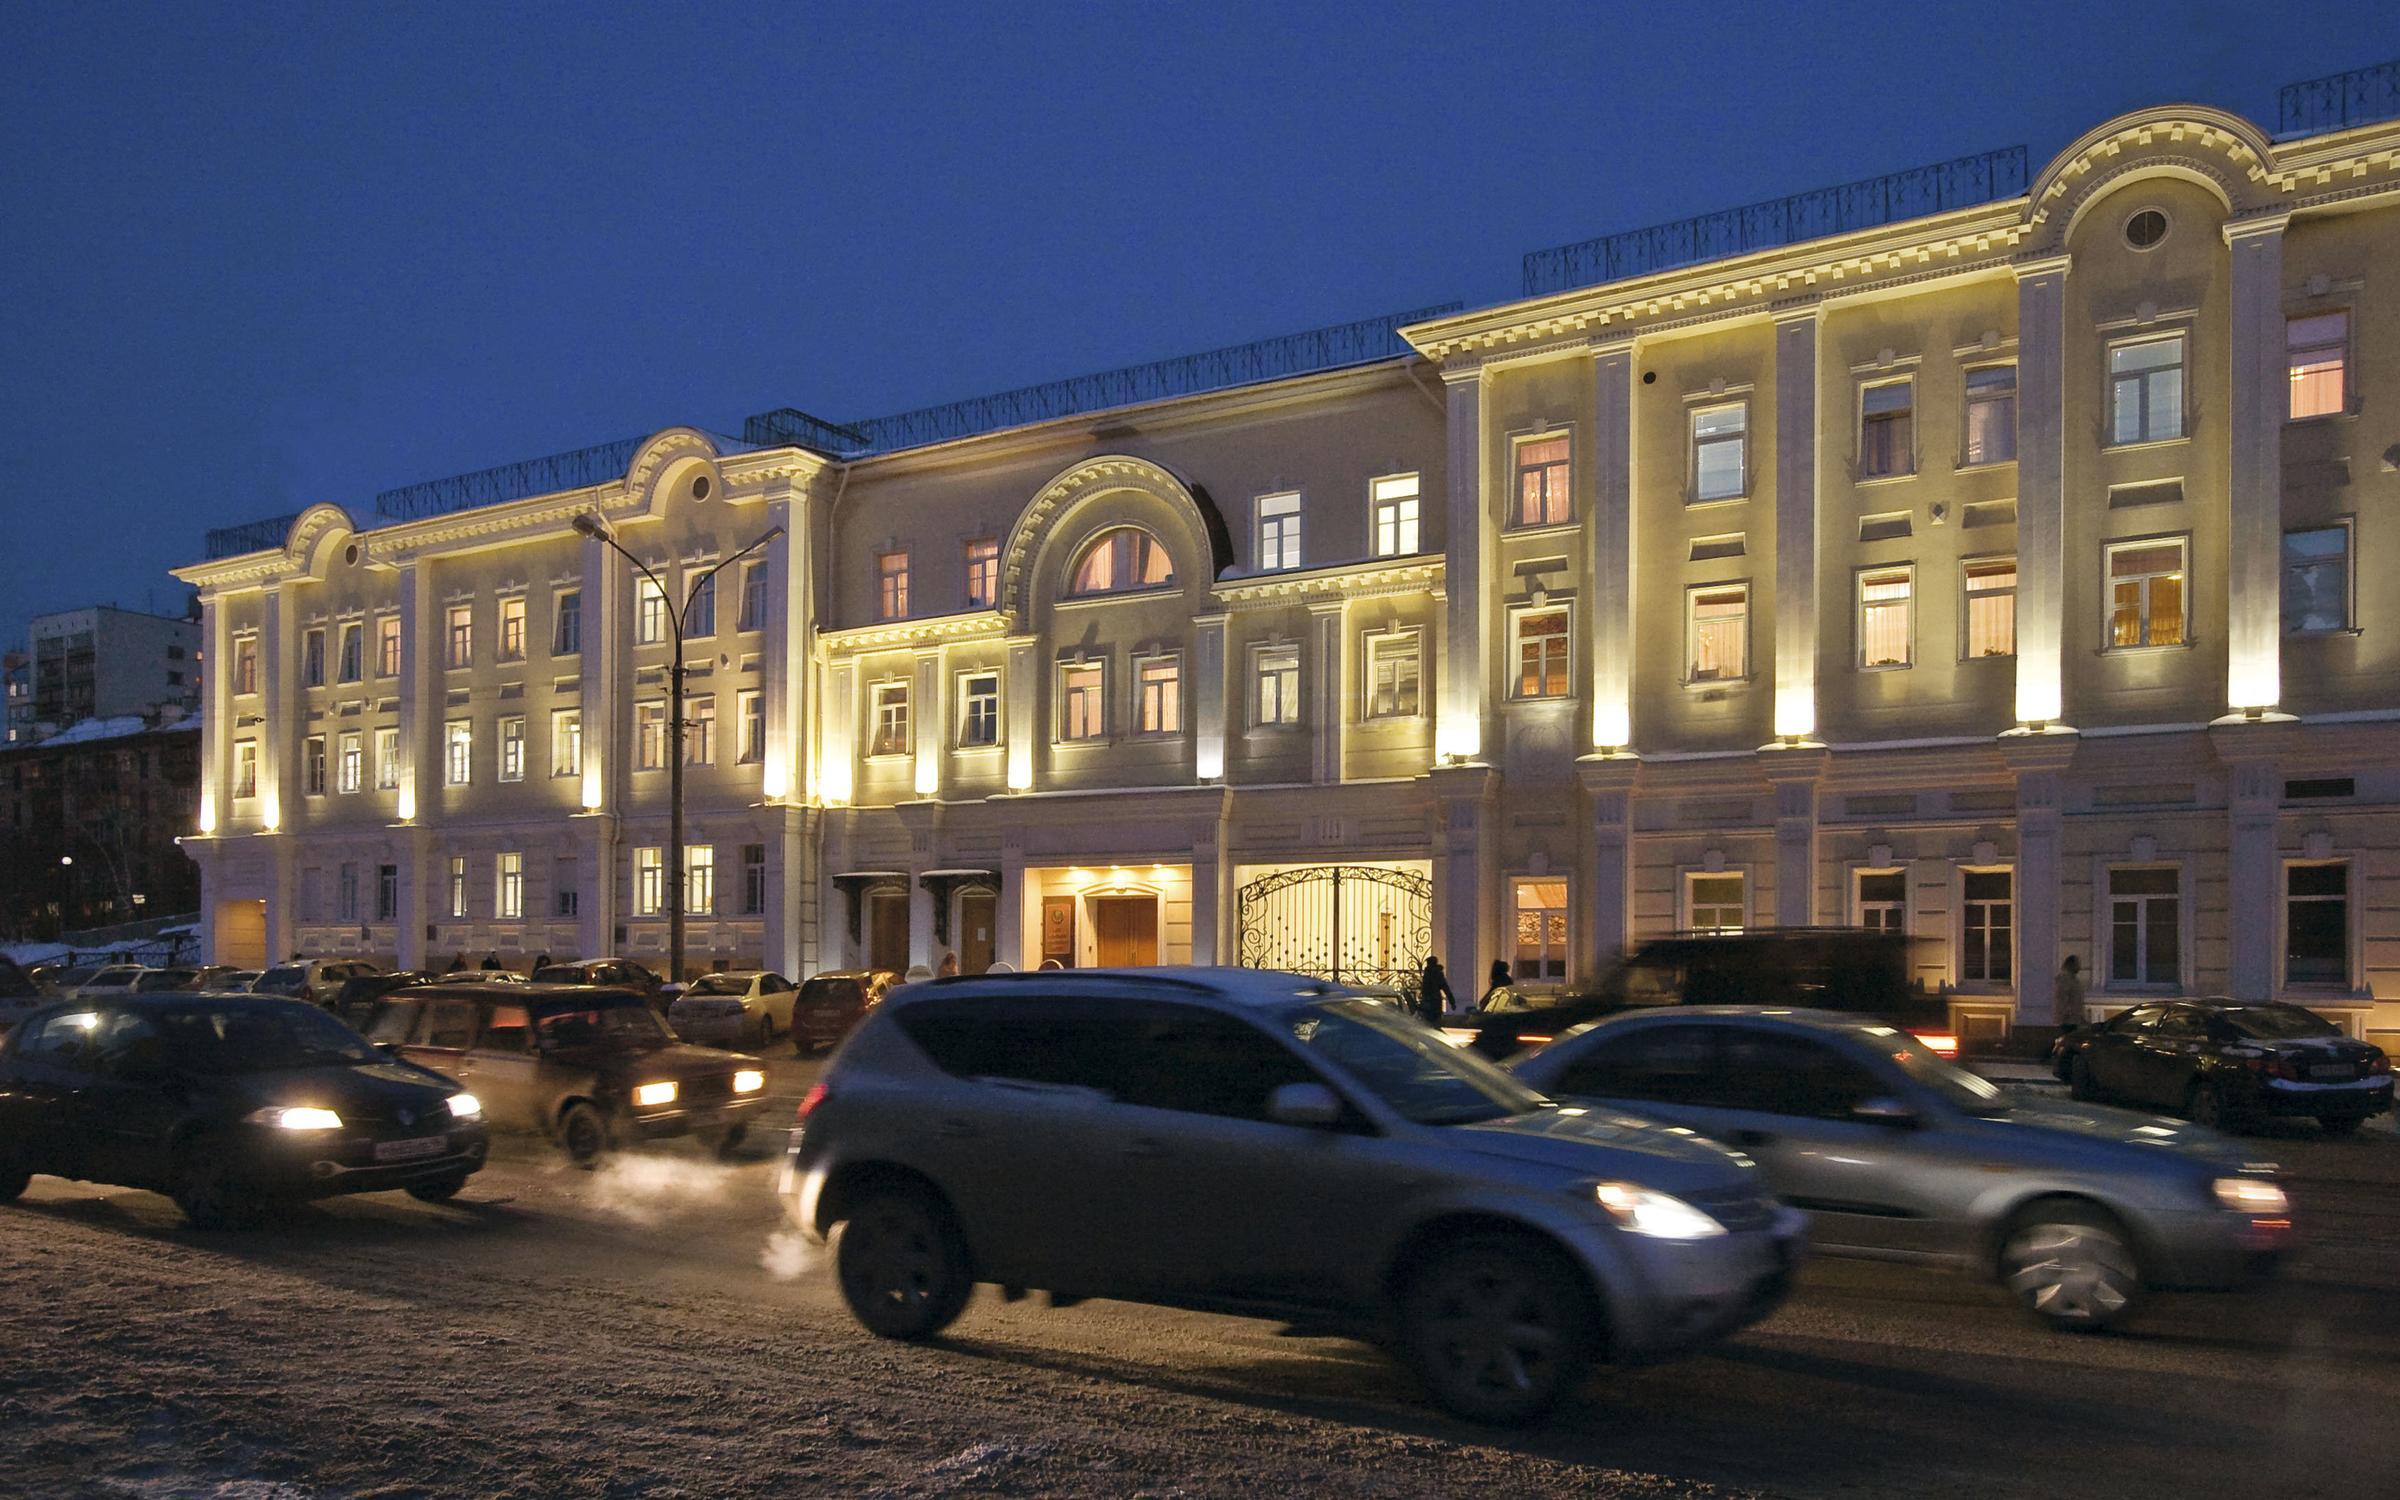 фотография Центра косметологии и пластической хирургии имени С.В. Нудельмана на Московской улице, 19